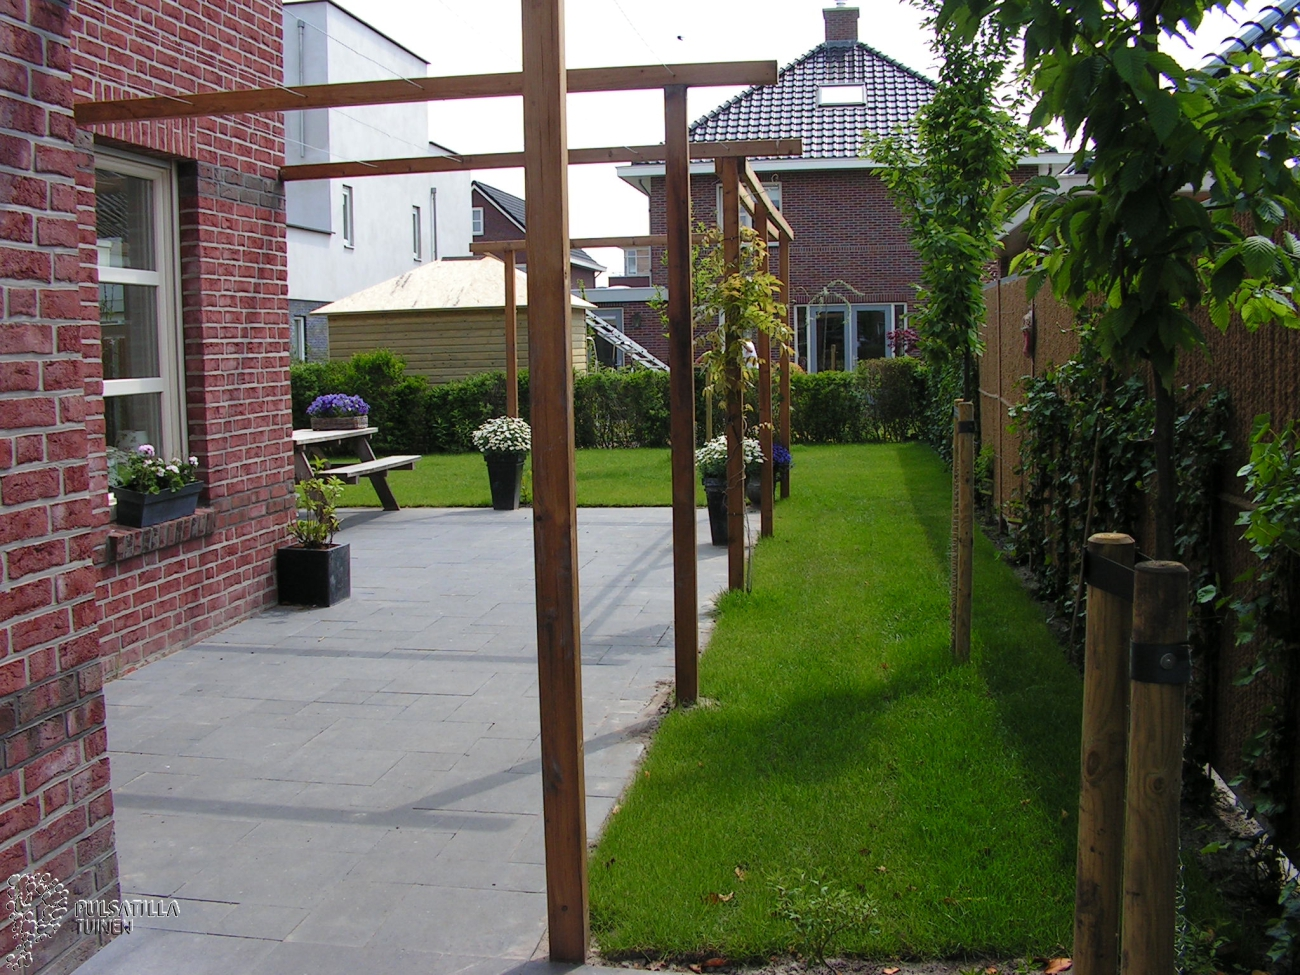 Timmerwerk pulsatilla tuinen - Pergola hout bedekt ...